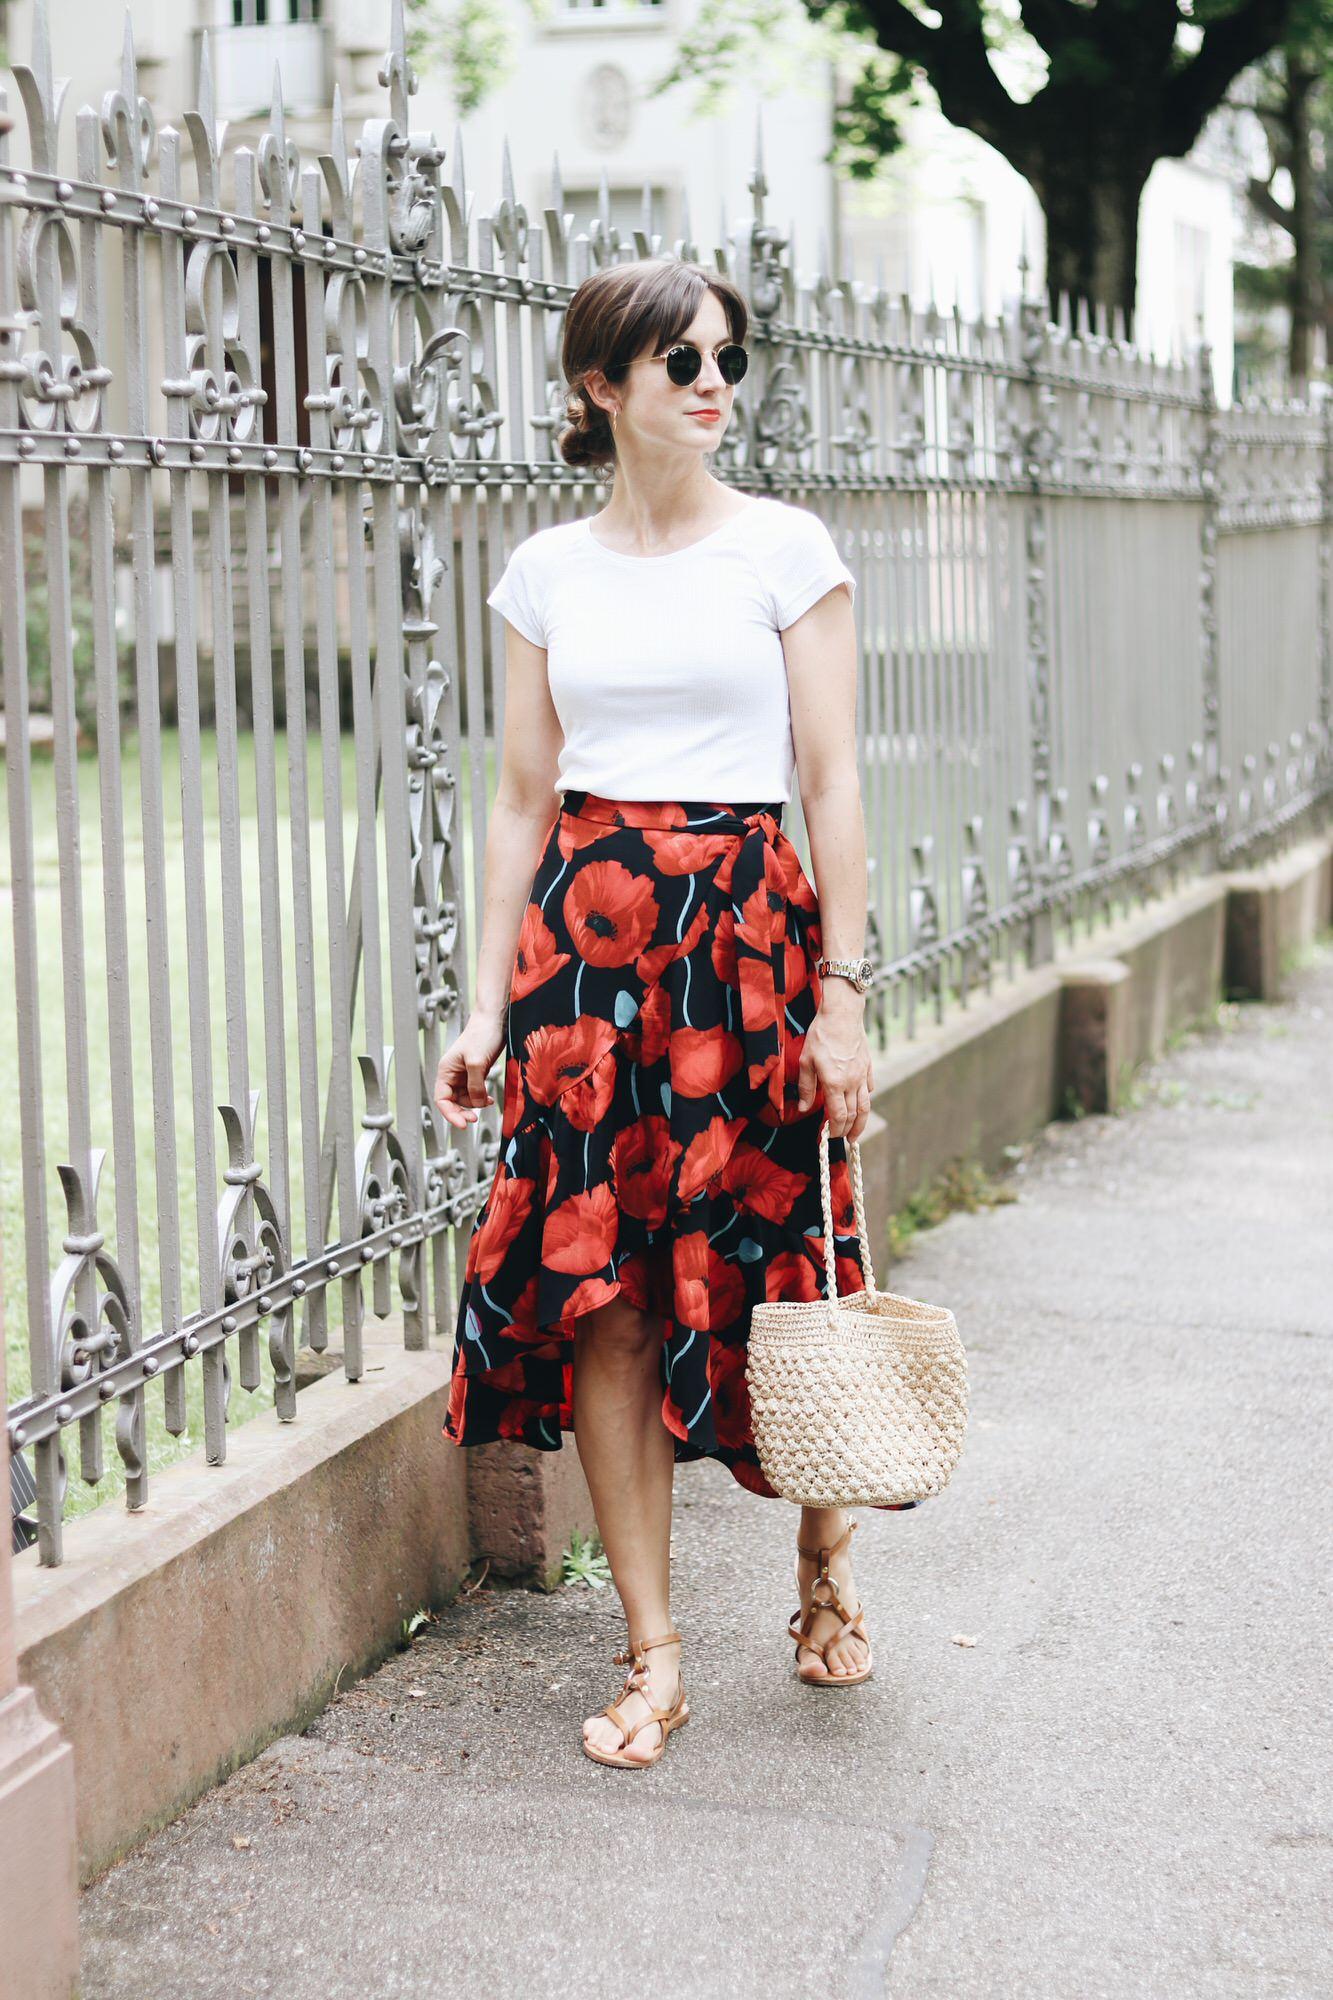 Streetstyle auf meinem Modeblog mit Wickelrock Blumenprint weißem T-Shirt und Korbtasche Ray Ban und Sandalen Rouje